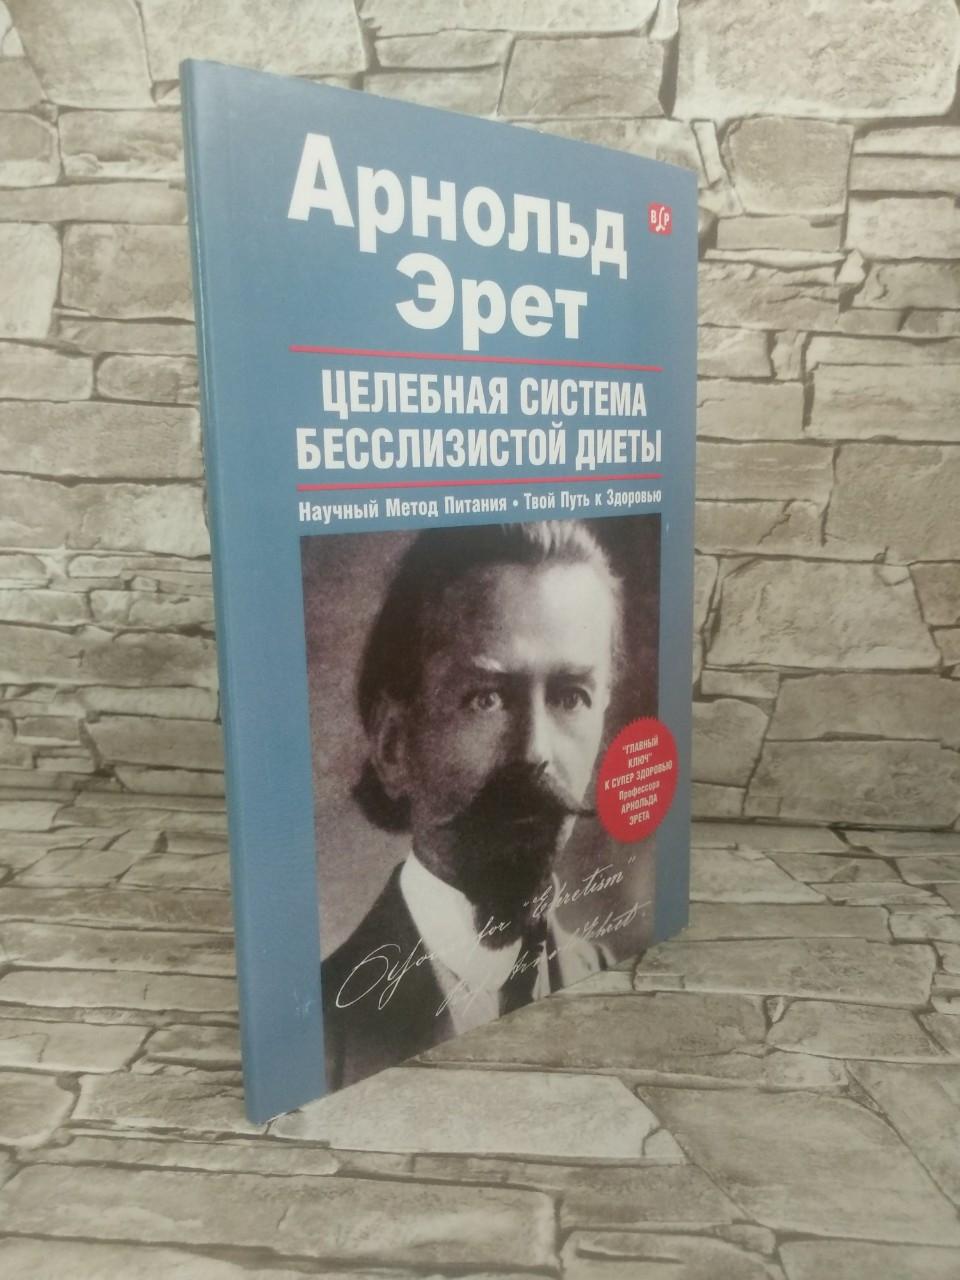 """Книга """"Целебная система бесслизистой диеты"""" Арнольд Эрет"""